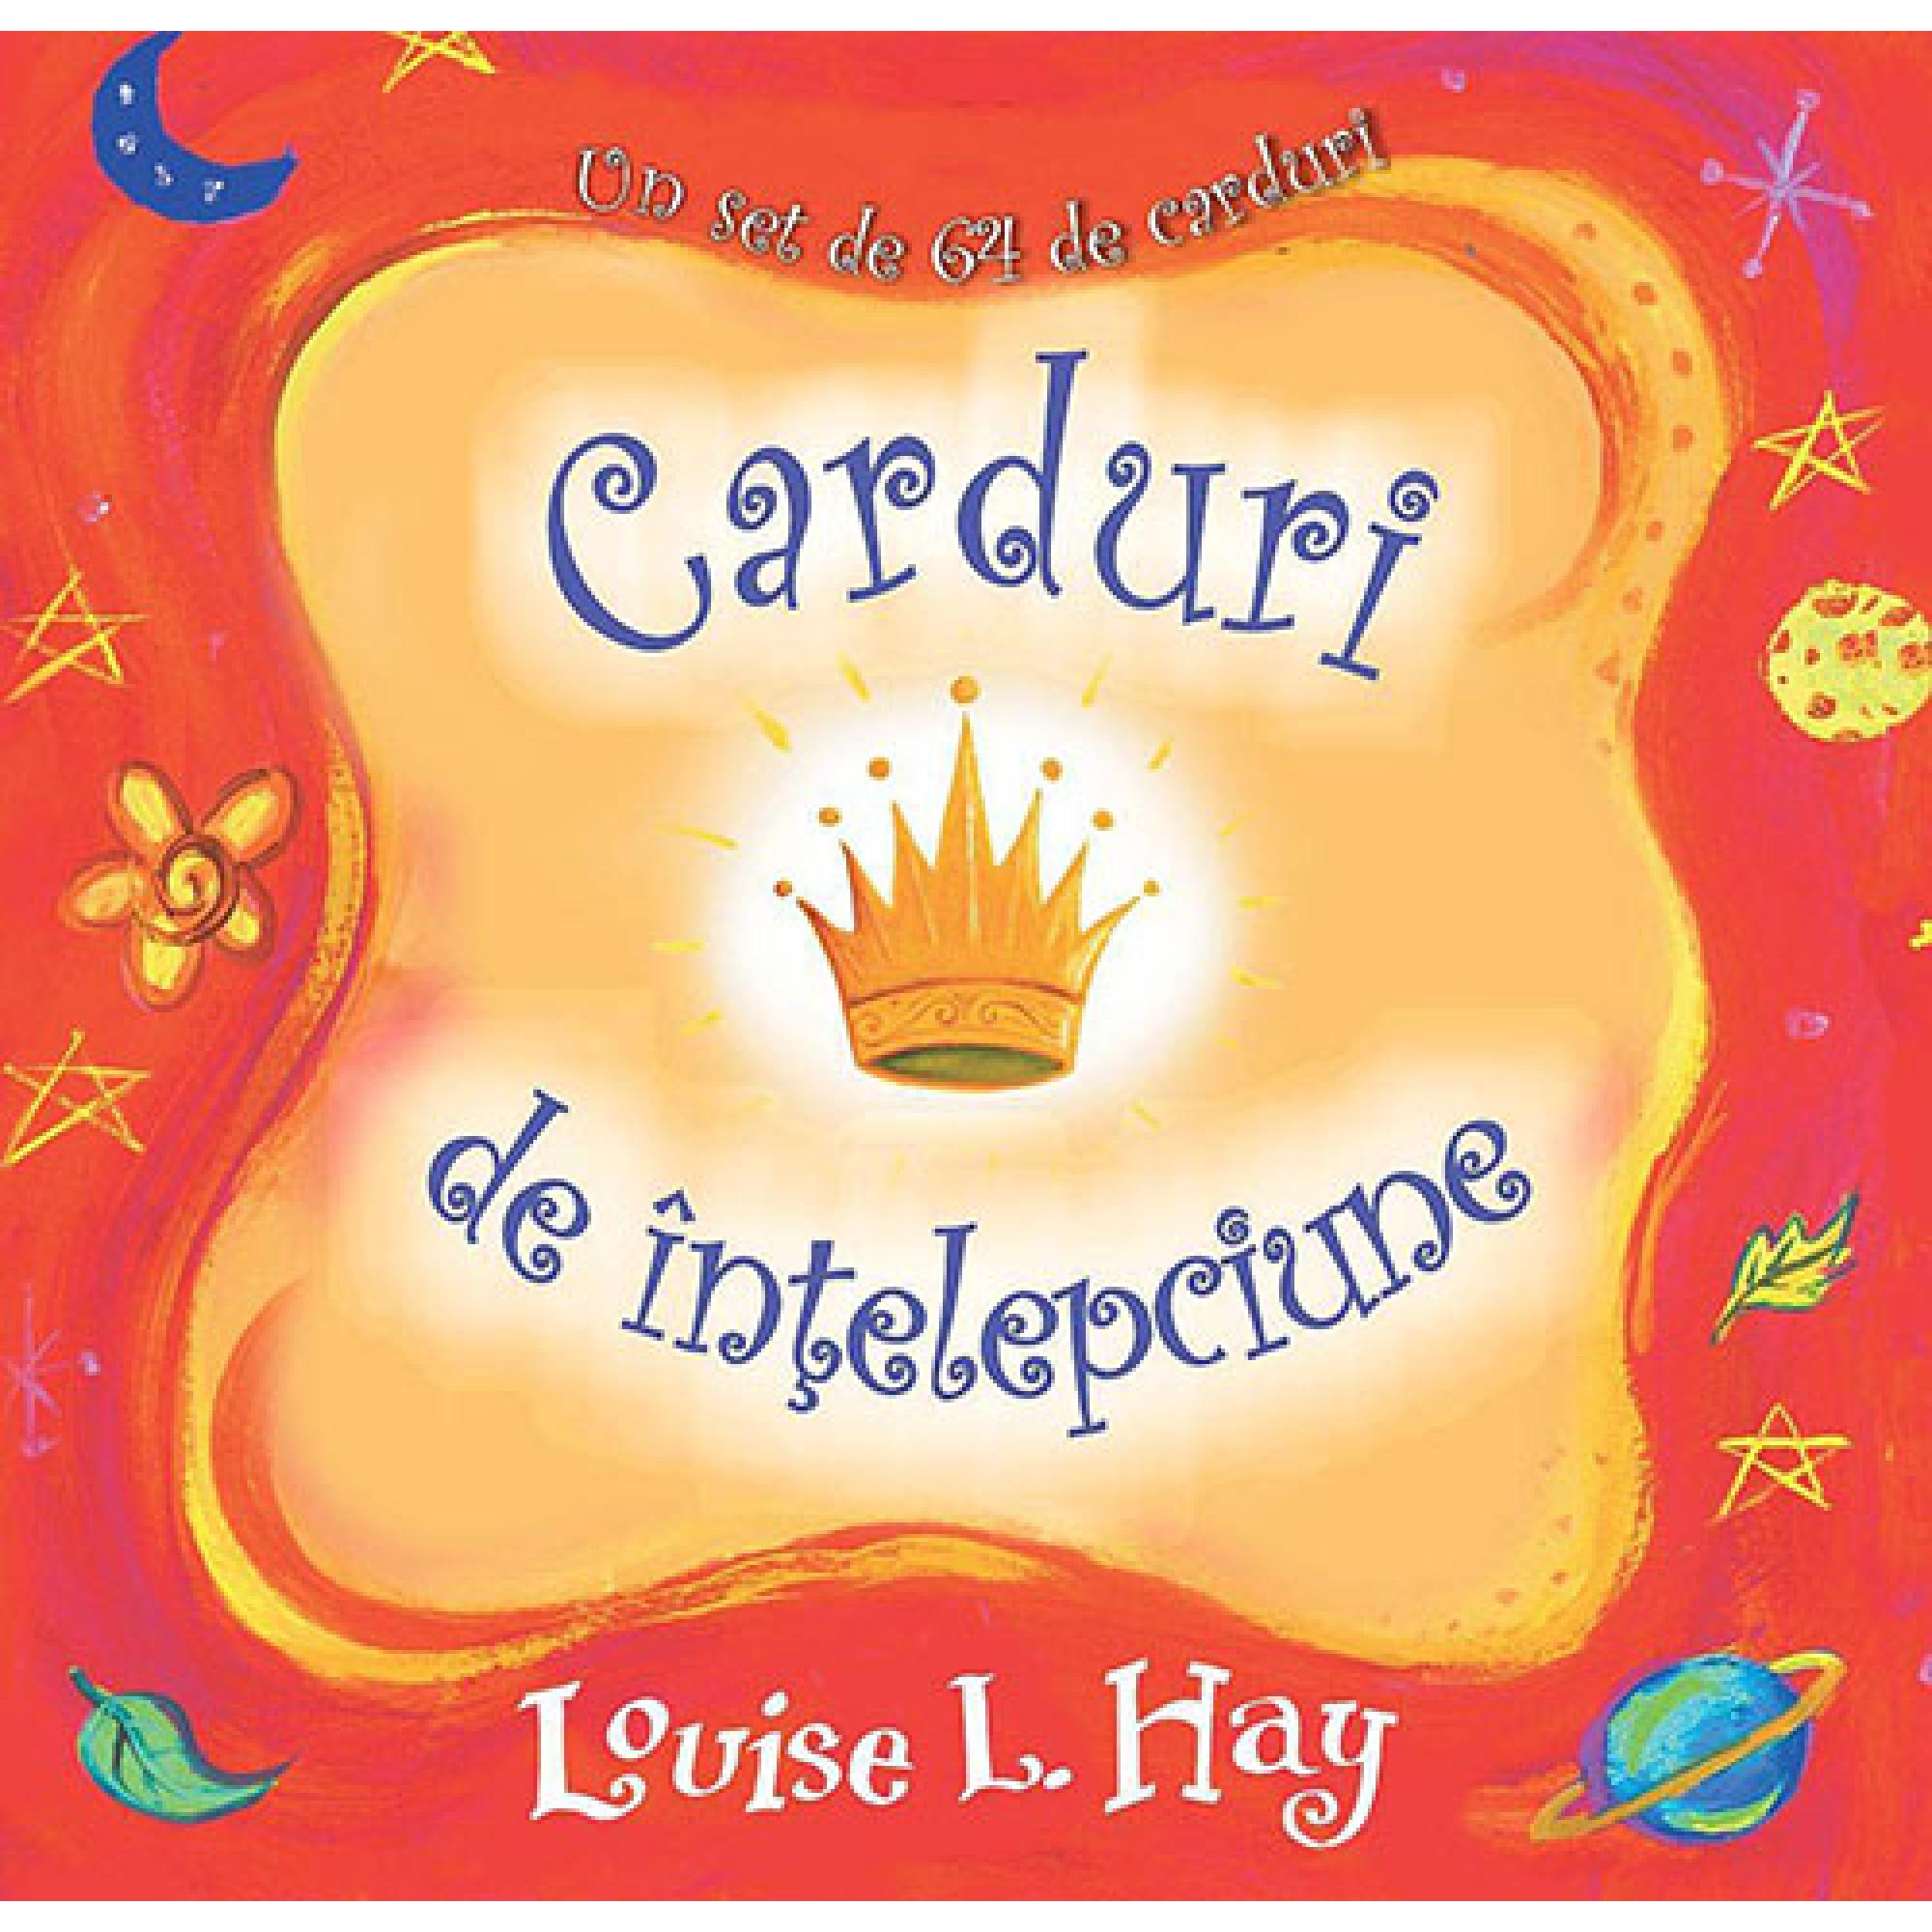 Carduri de înţelepciune: Un set de 64 de carduri; Louise Hay